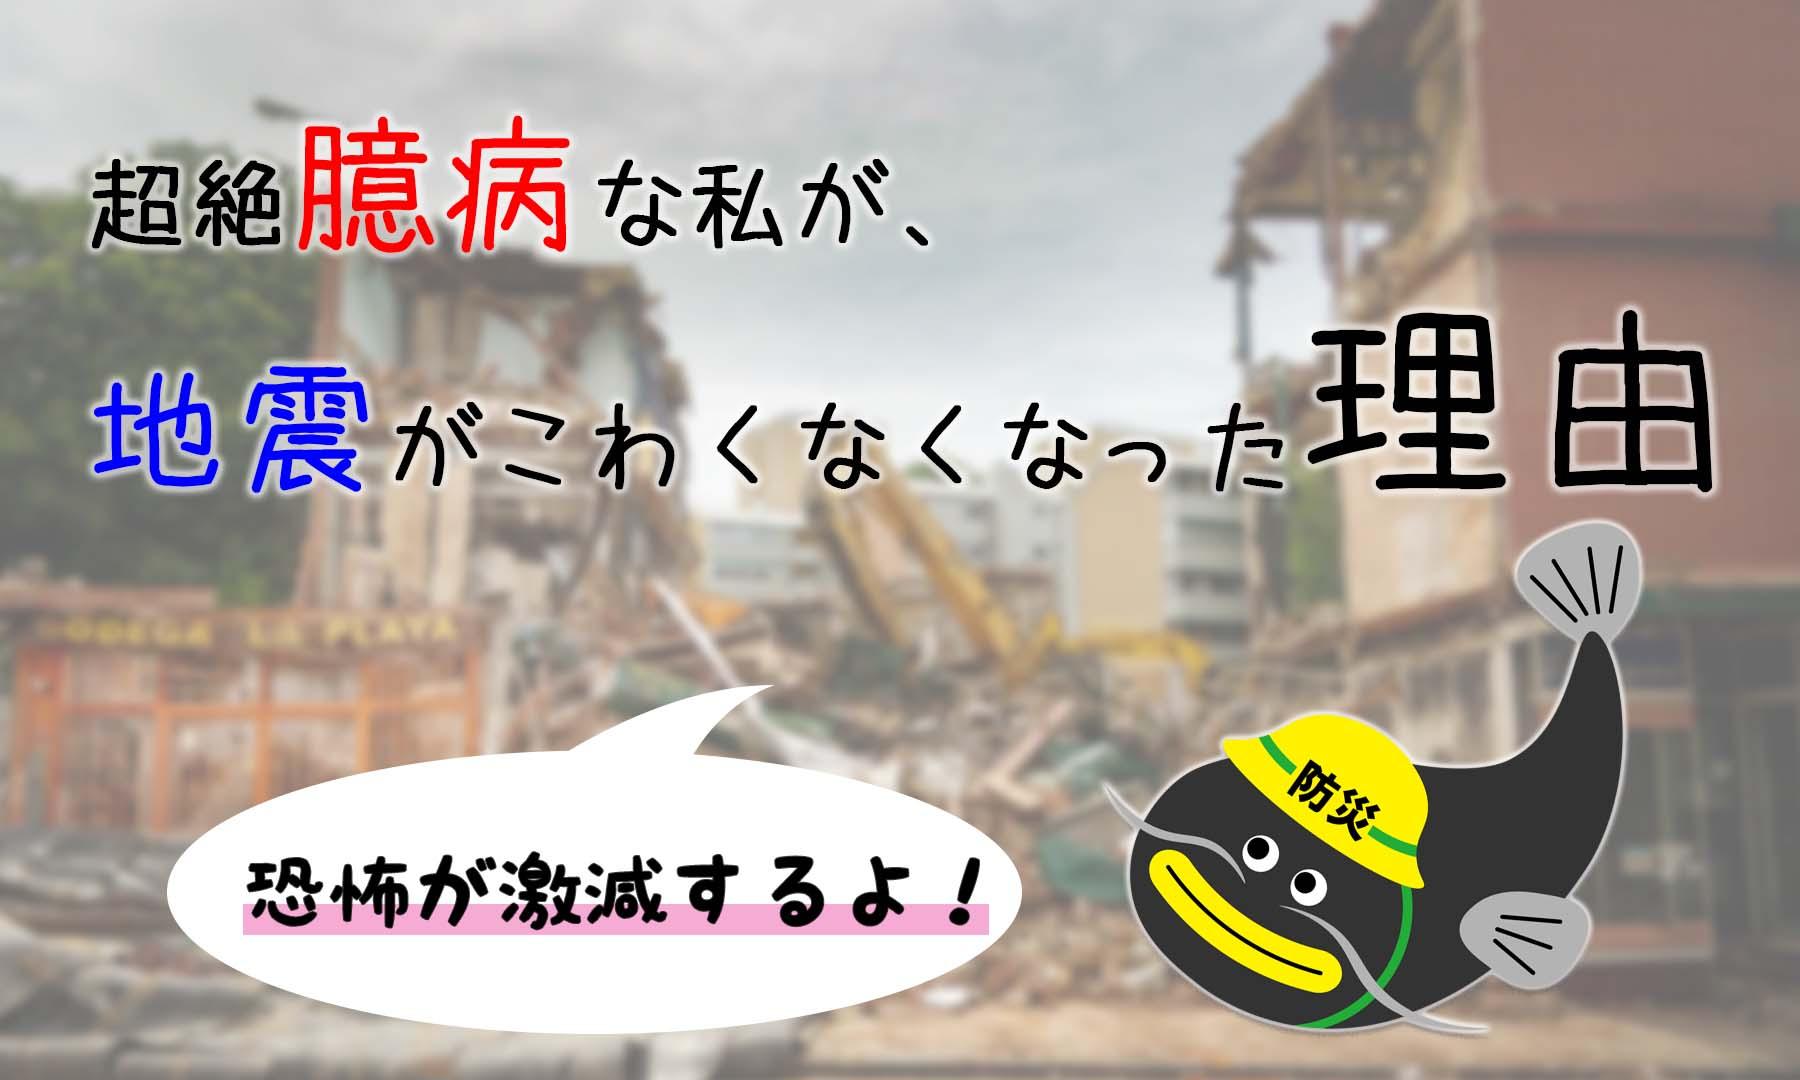 備えれば地震は怖くない!恐怖が激減する防災グッズ7選